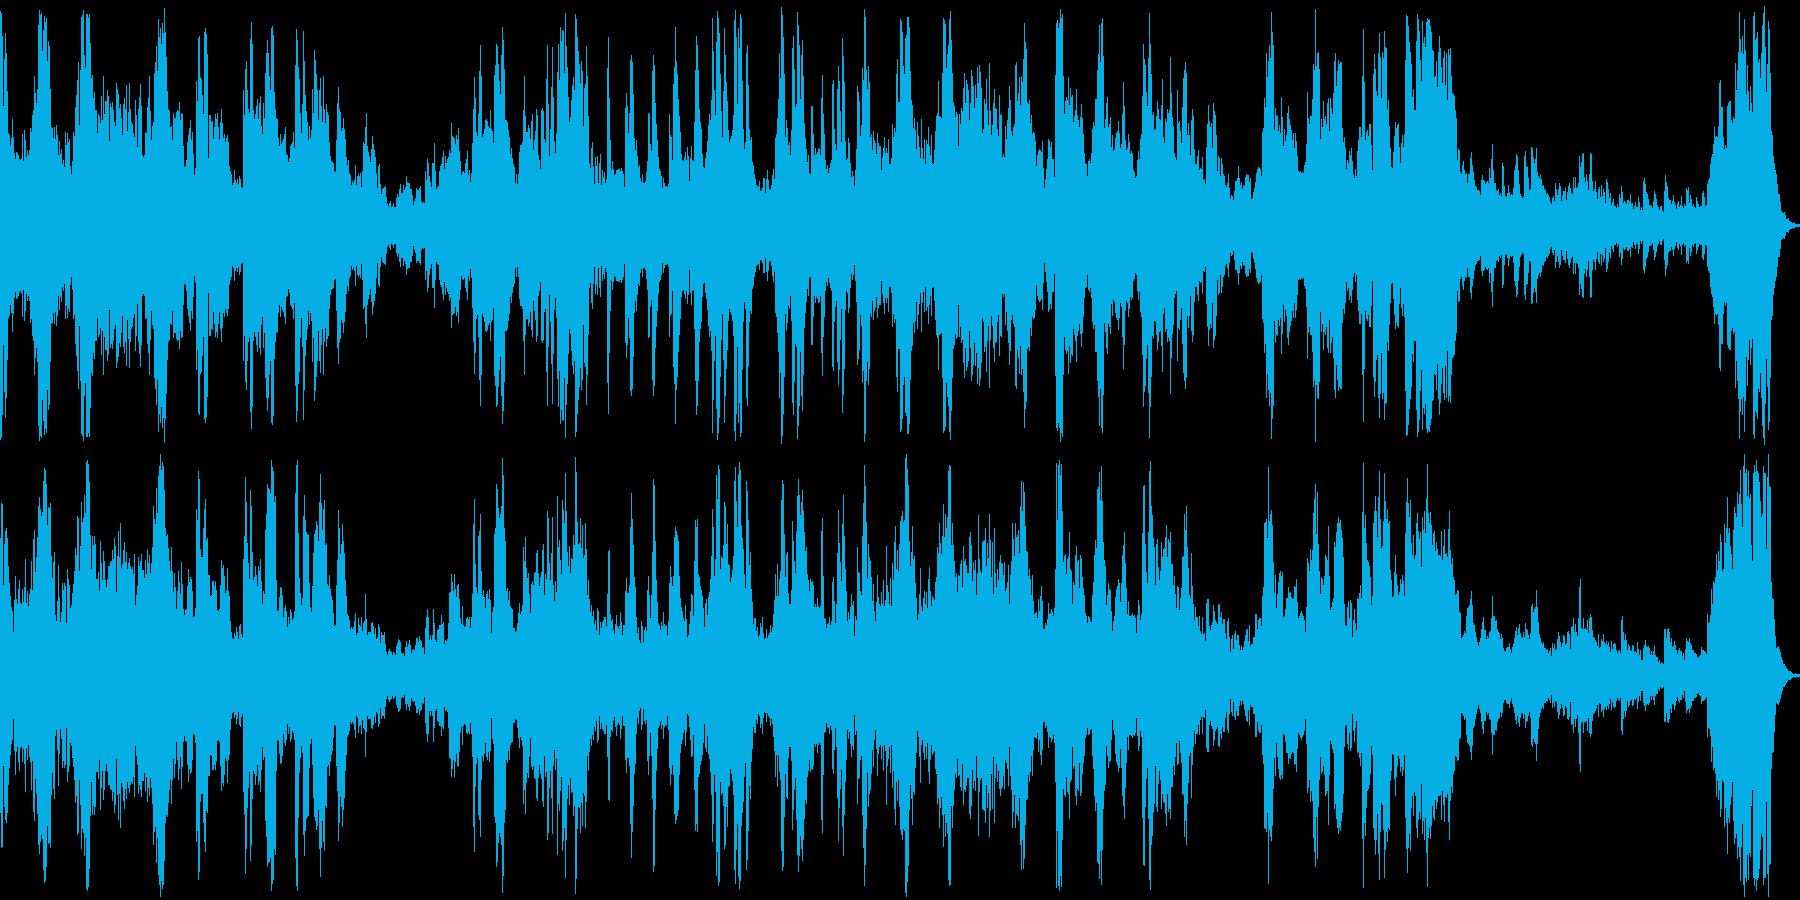 【ショパン】革命のエチュードの再生済みの波形